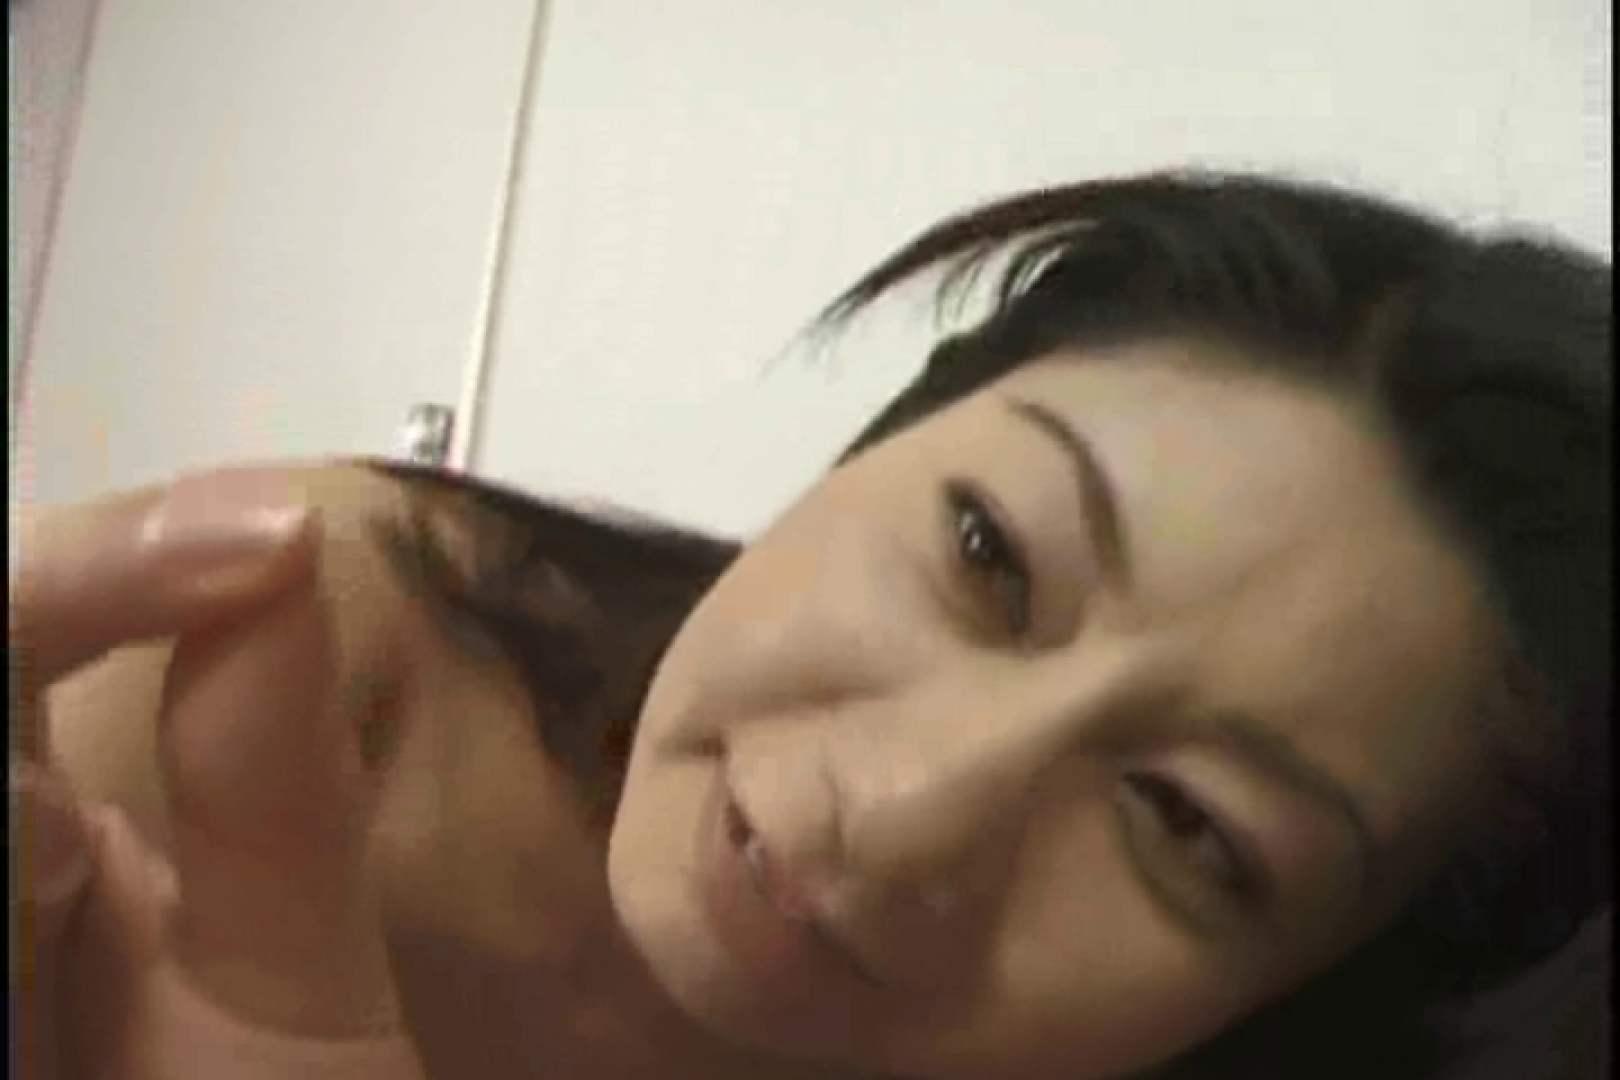 素人嬢126人のハメ撮り 清川百合 素人流出動画 盗撮画像 74枚 2